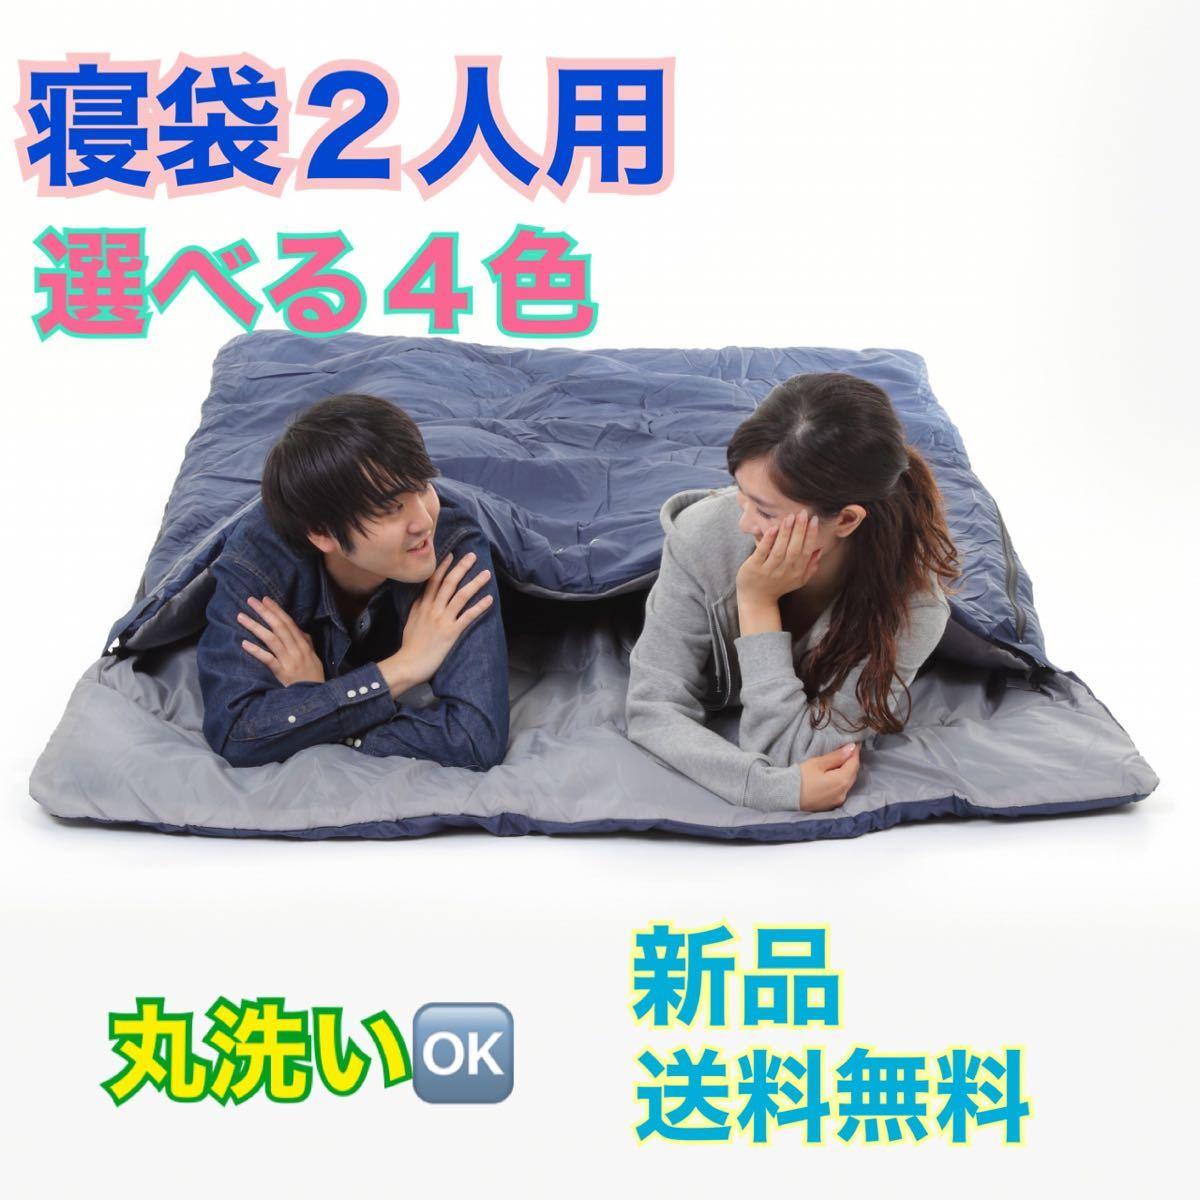 寝袋 シュラフ 人気 丸洗い キャンプ 2人用 抗菌仕様 車中泊 マット お泊り ファミリー  多機能 寝袋シュラフ デート